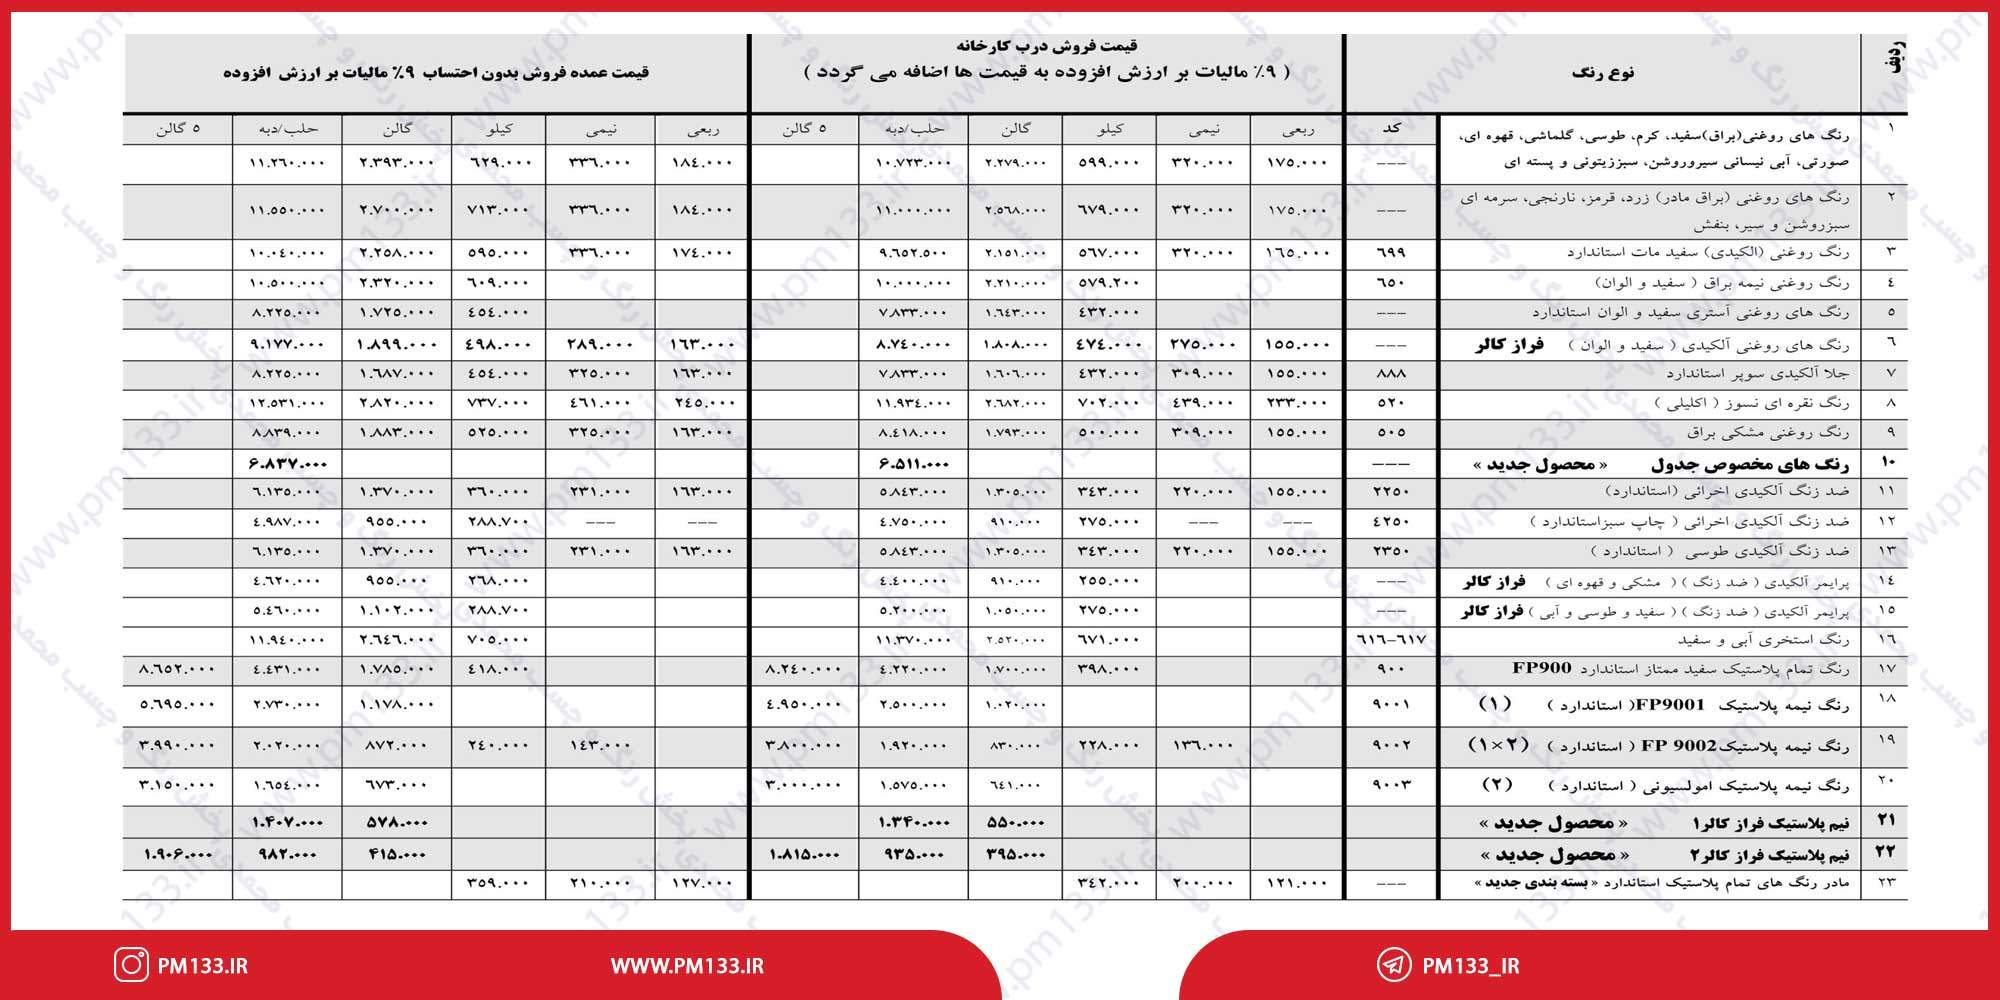 لیست قیمت فرازپیشه 04-02-1400 صفحه 2